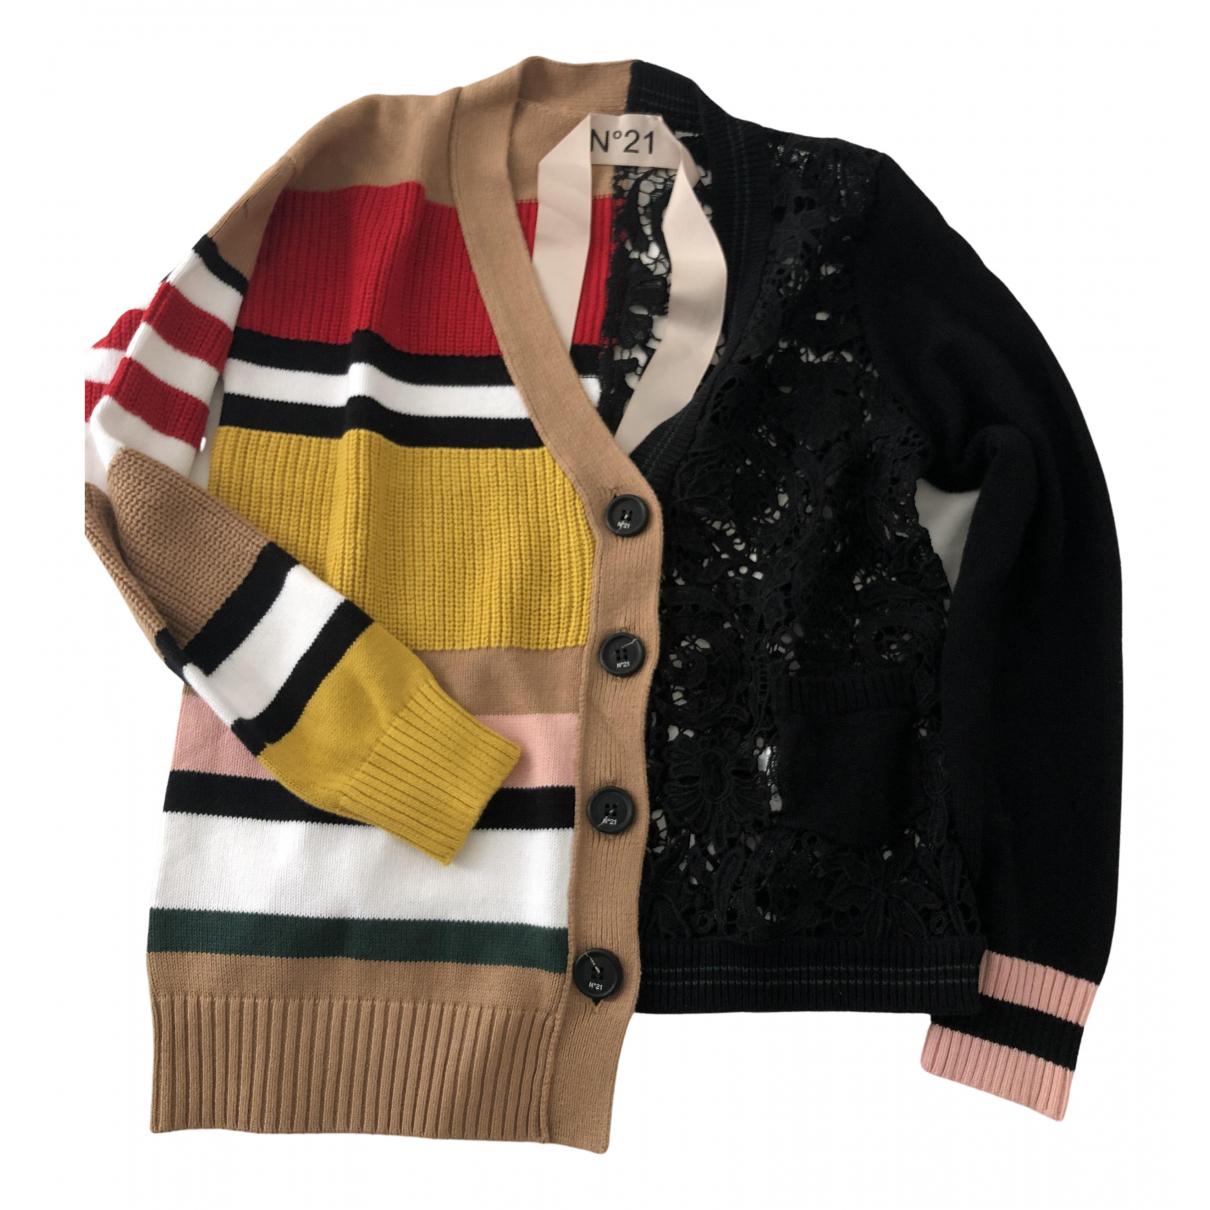 N°21 N Multicolour Cotton Knitwear for Women S International